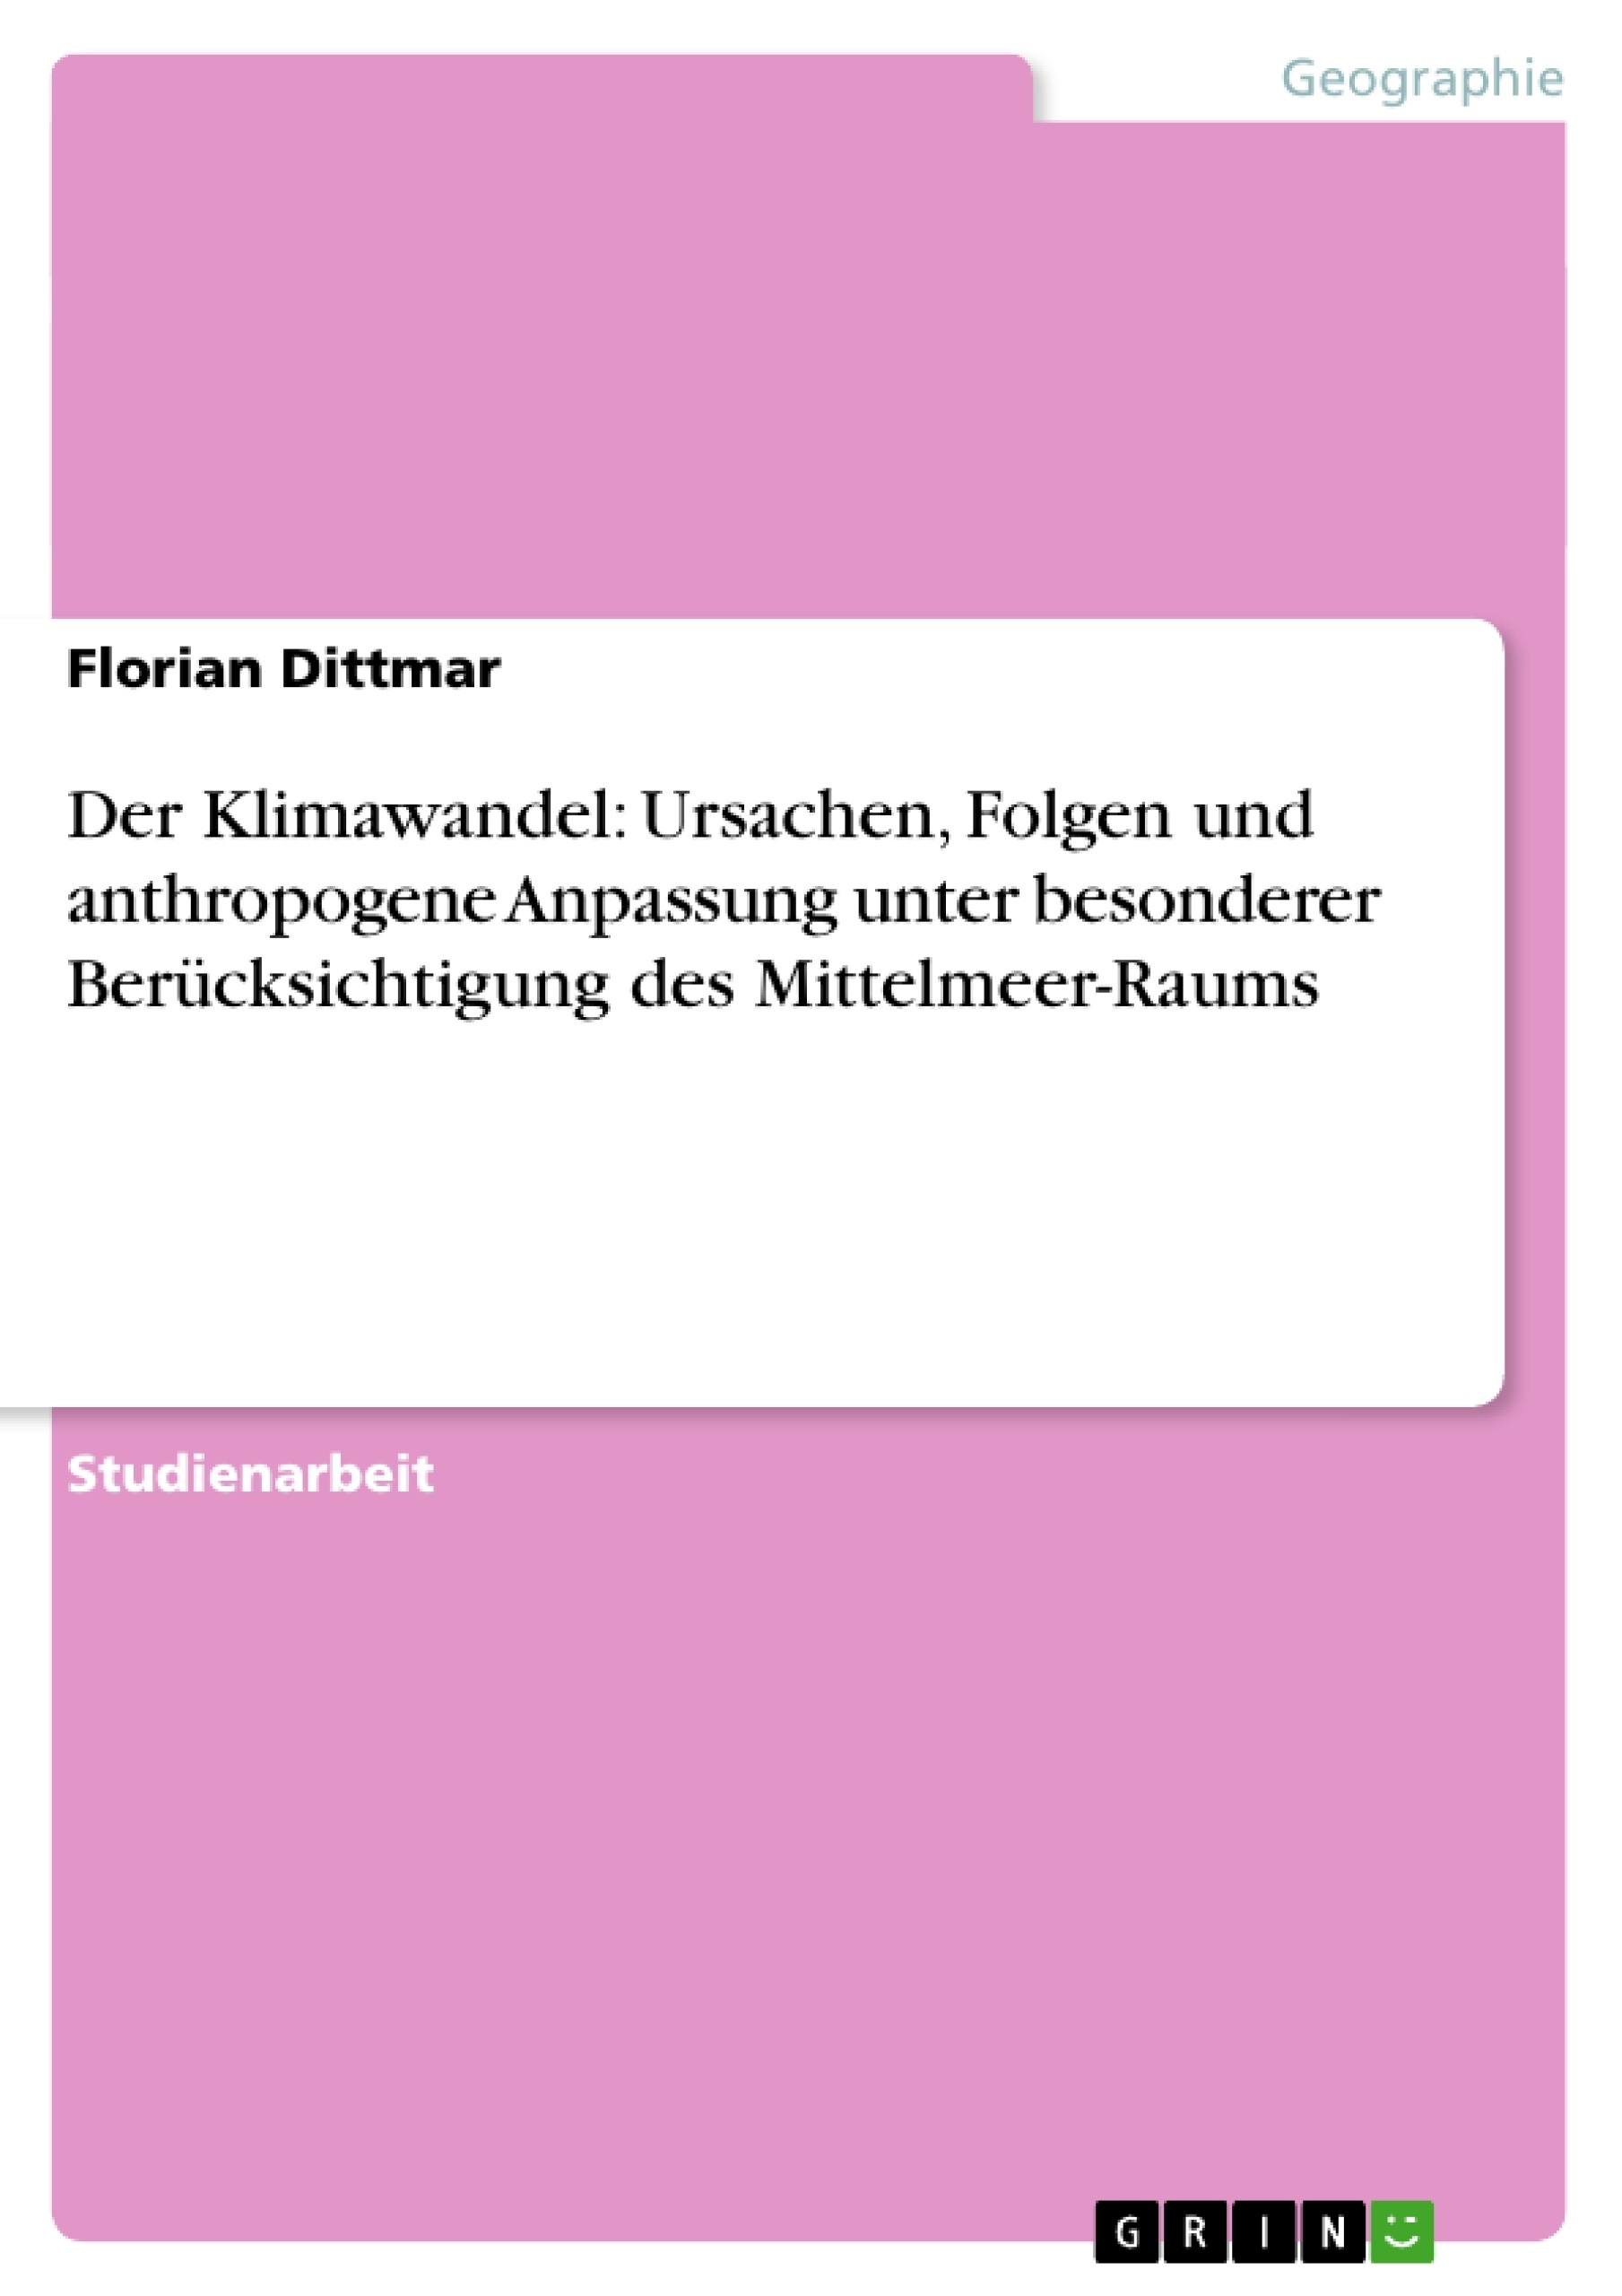 Titel: Der Klimawandel: Ursachen, Folgen und anthropogene Anpassung unter besonderer Berücksichtigung des Mittelmeer-Raums